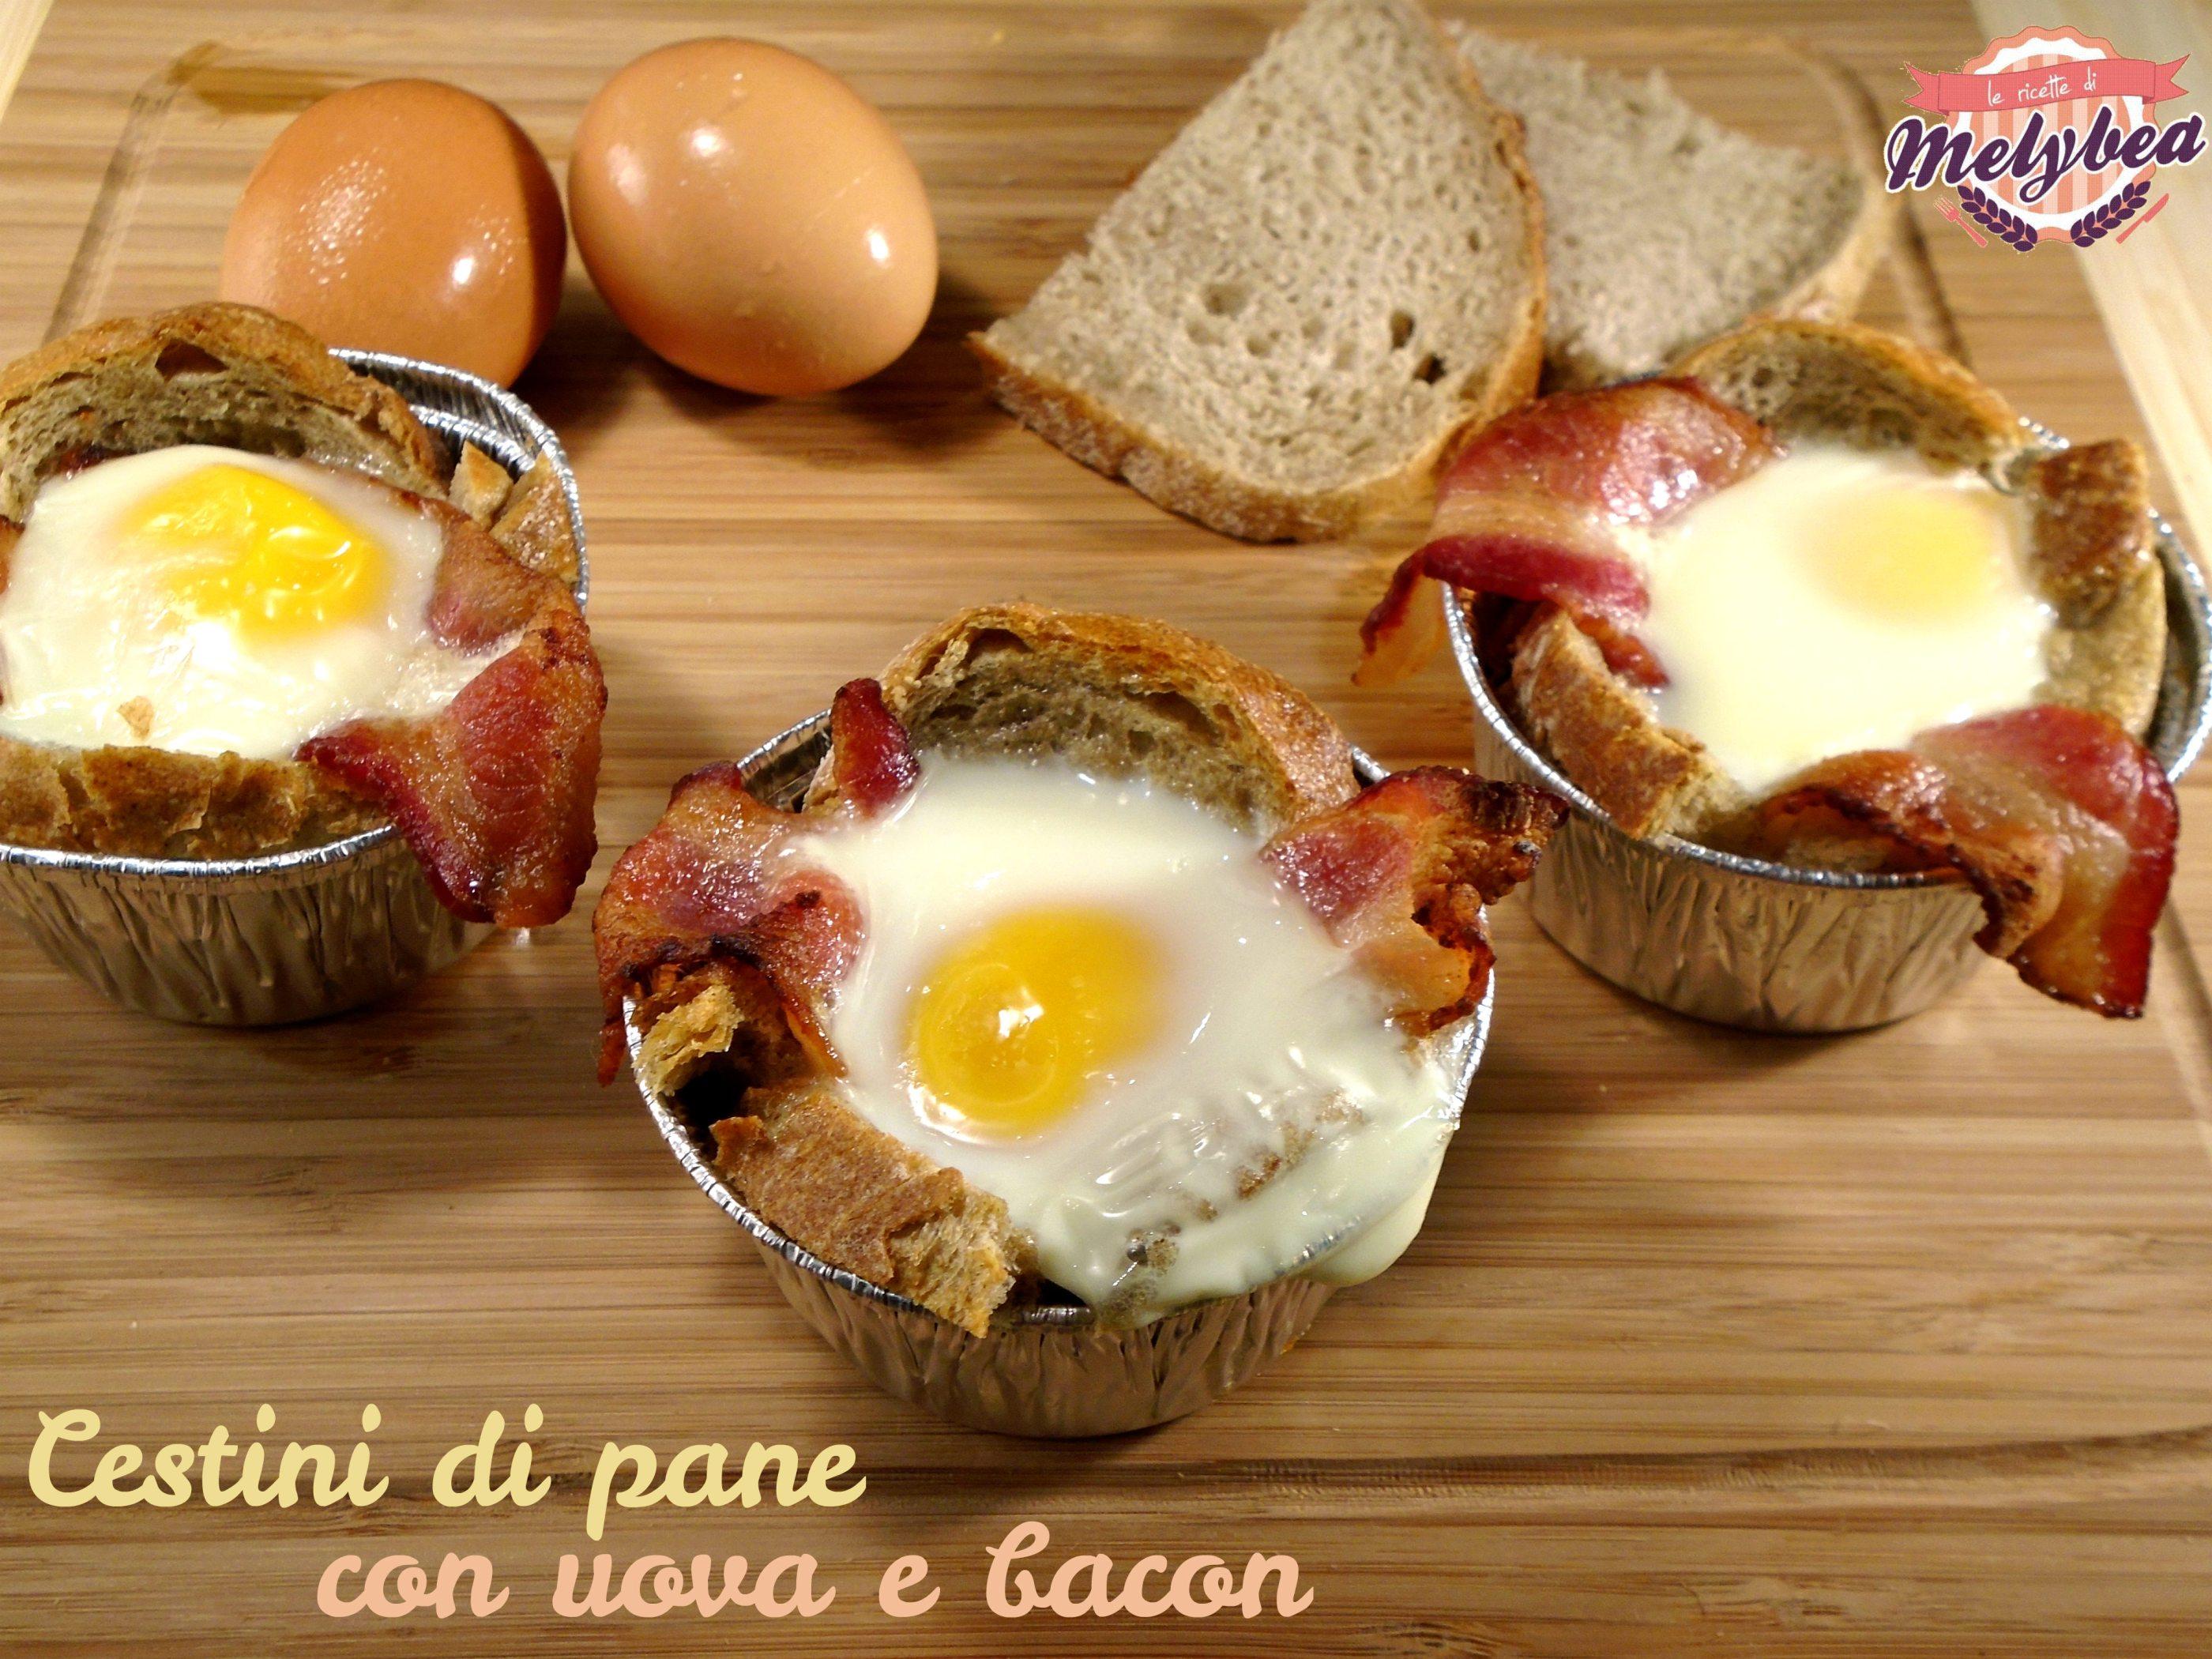 cestini di pane con uova e bacon